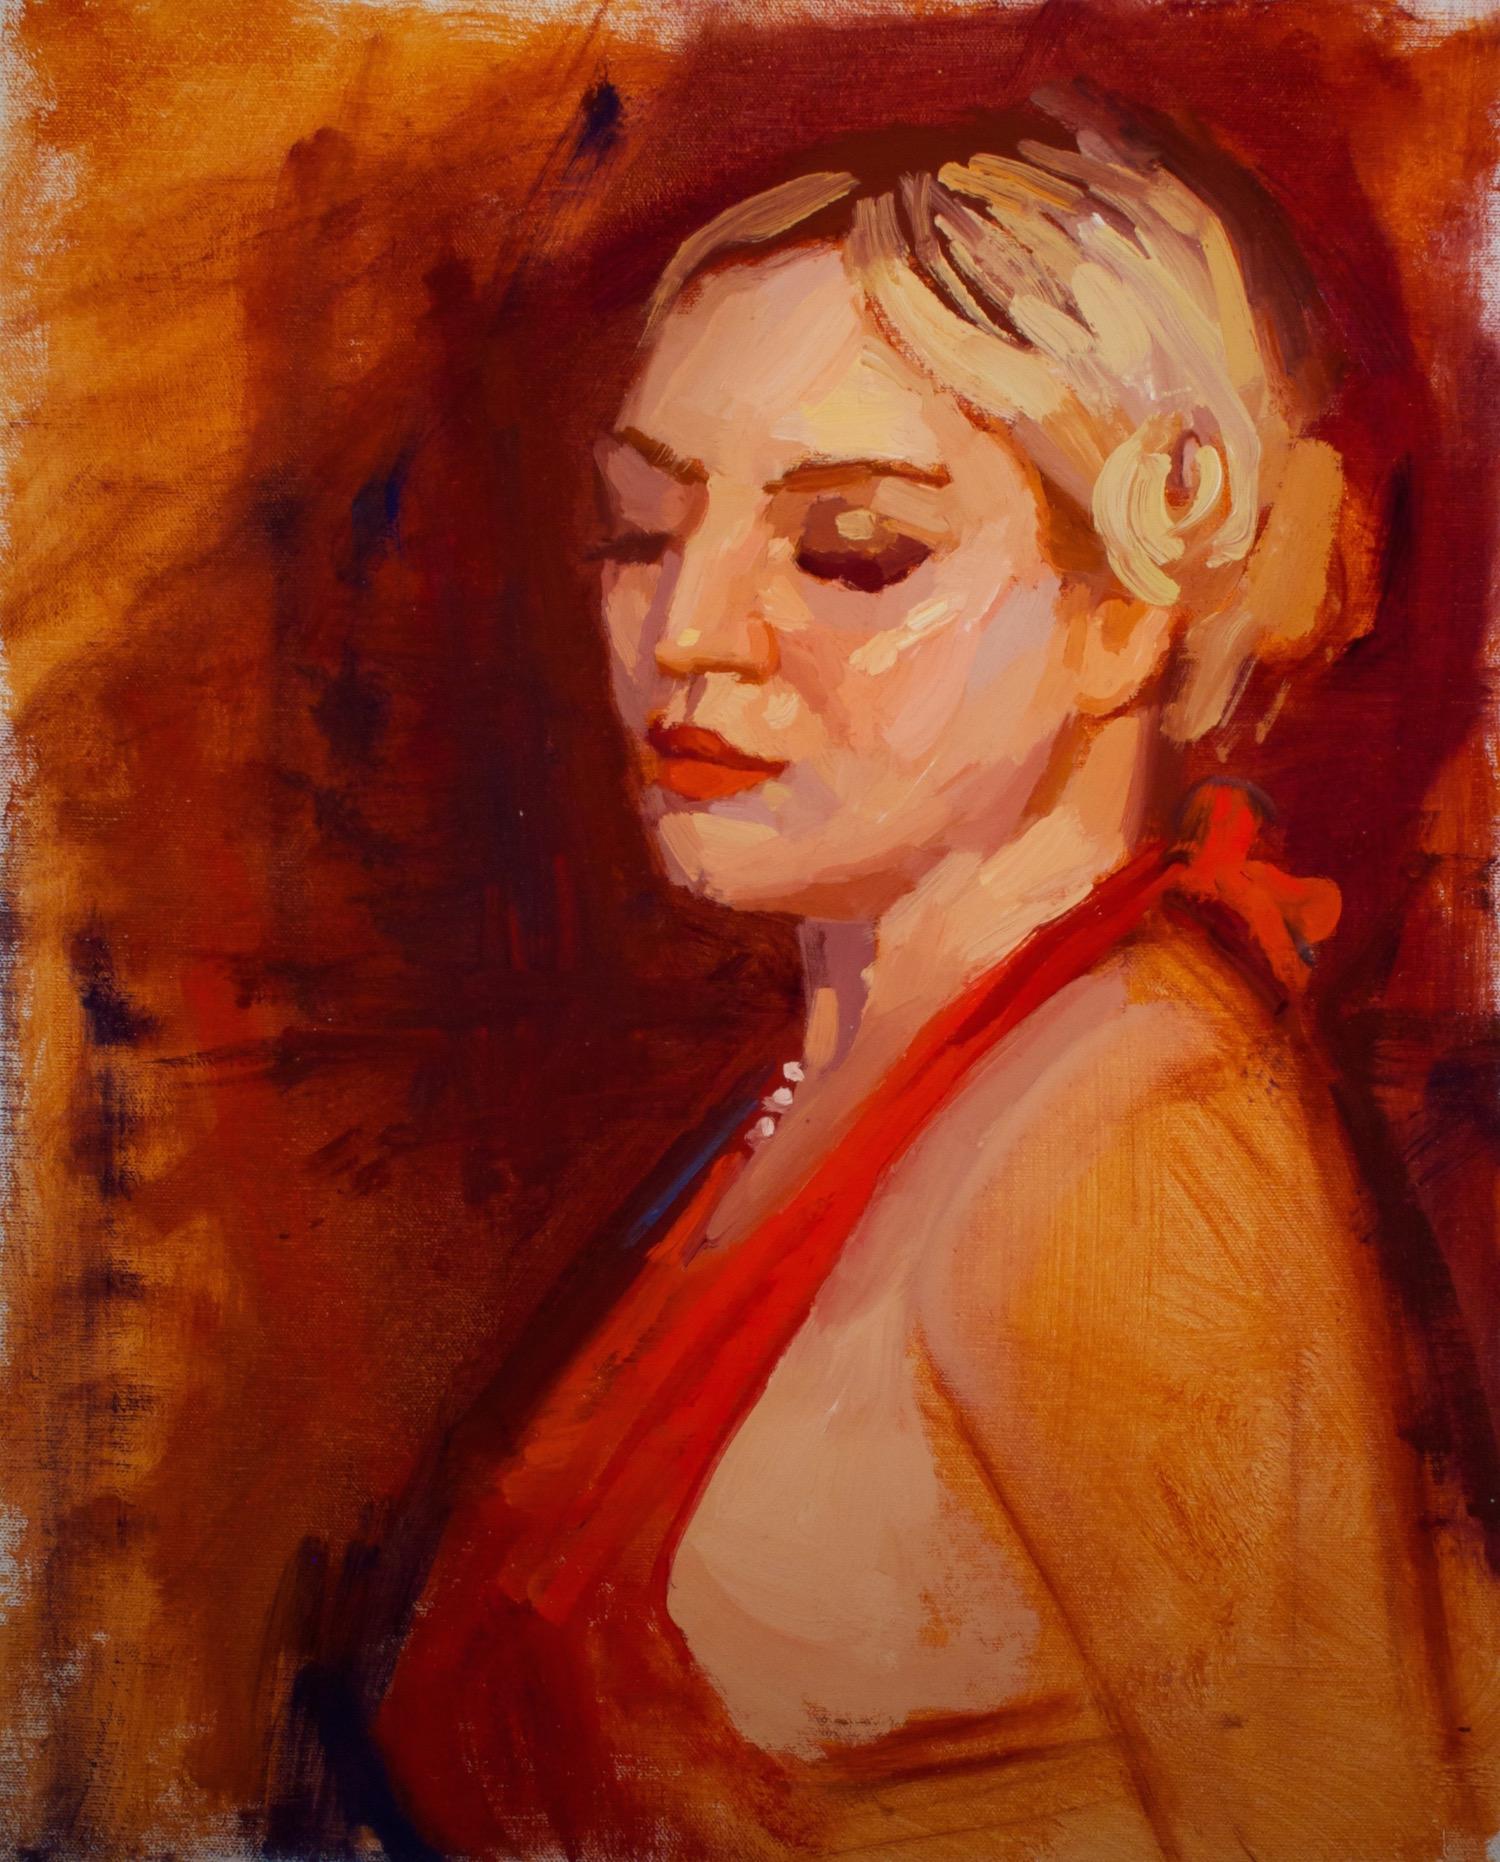 Eduardo Fernandez portrait painting